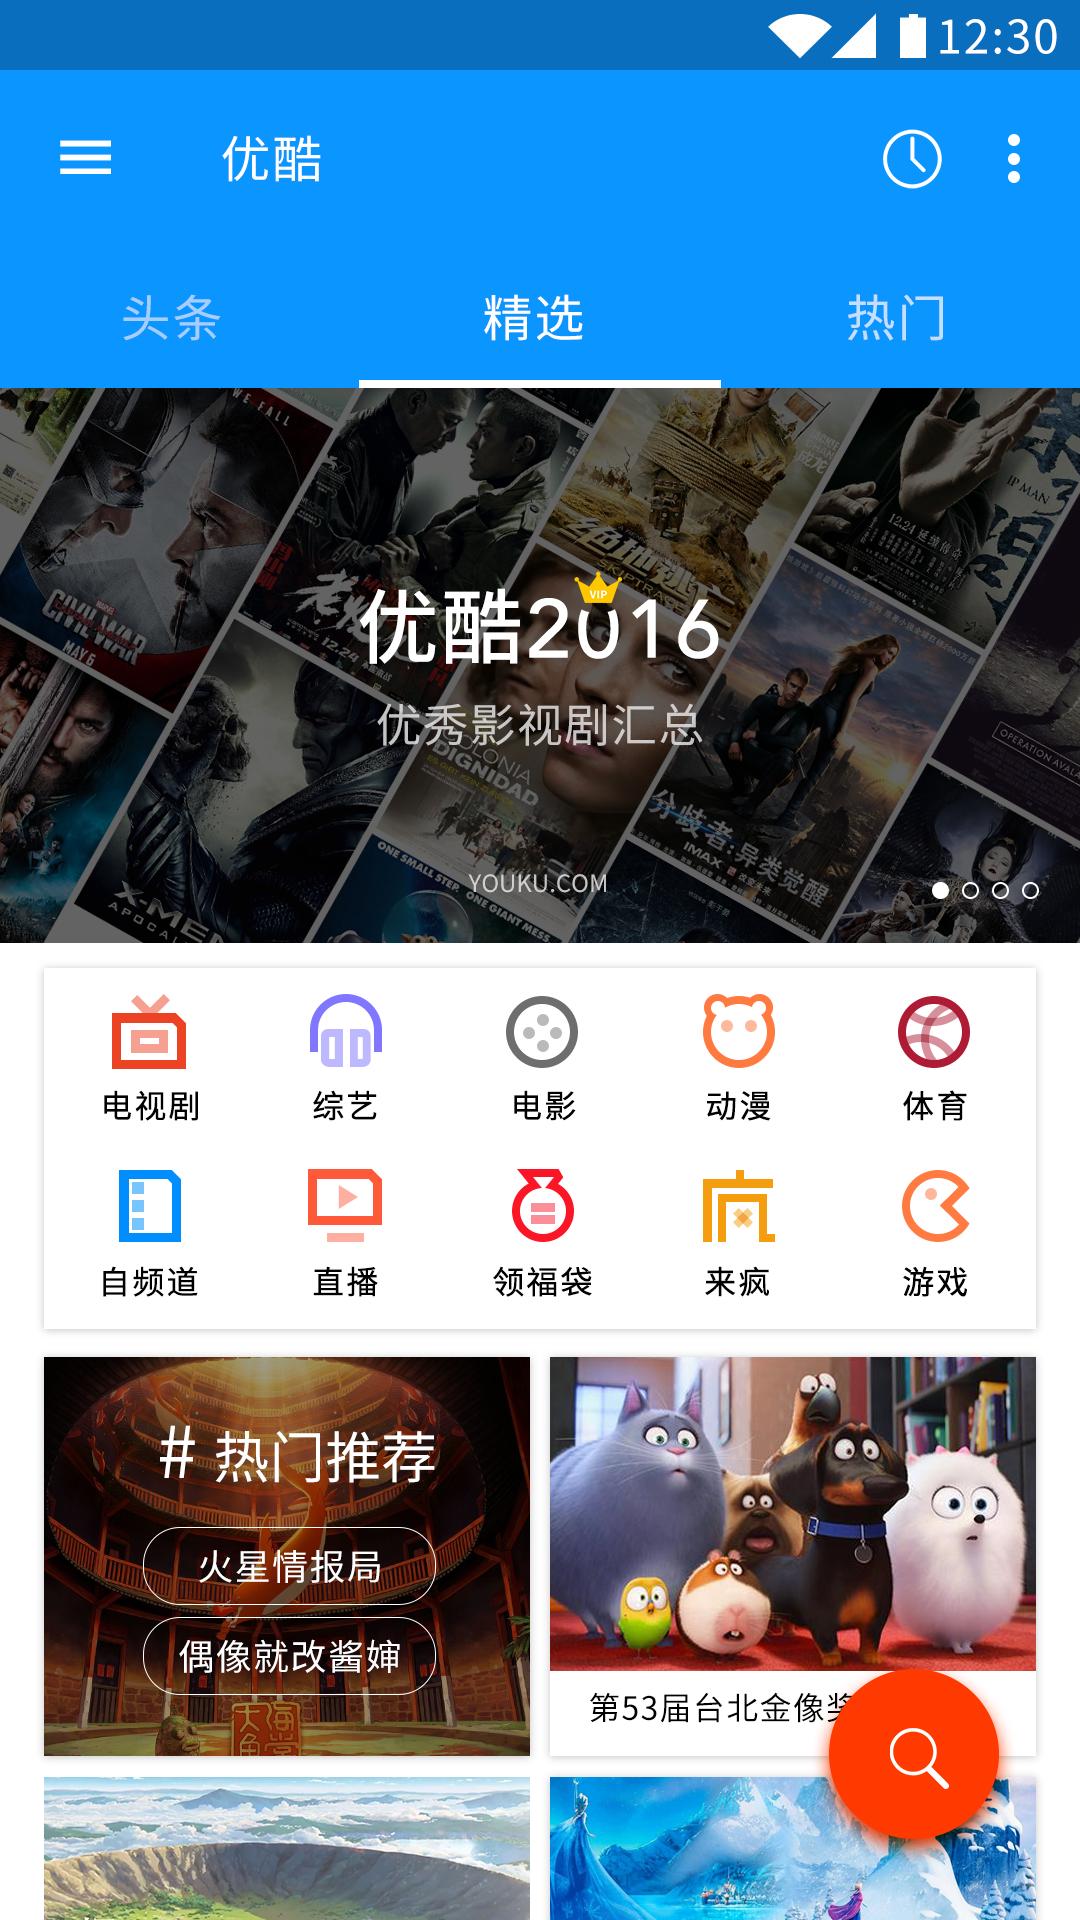 关于八时入席粤语优酷的新消息与评论